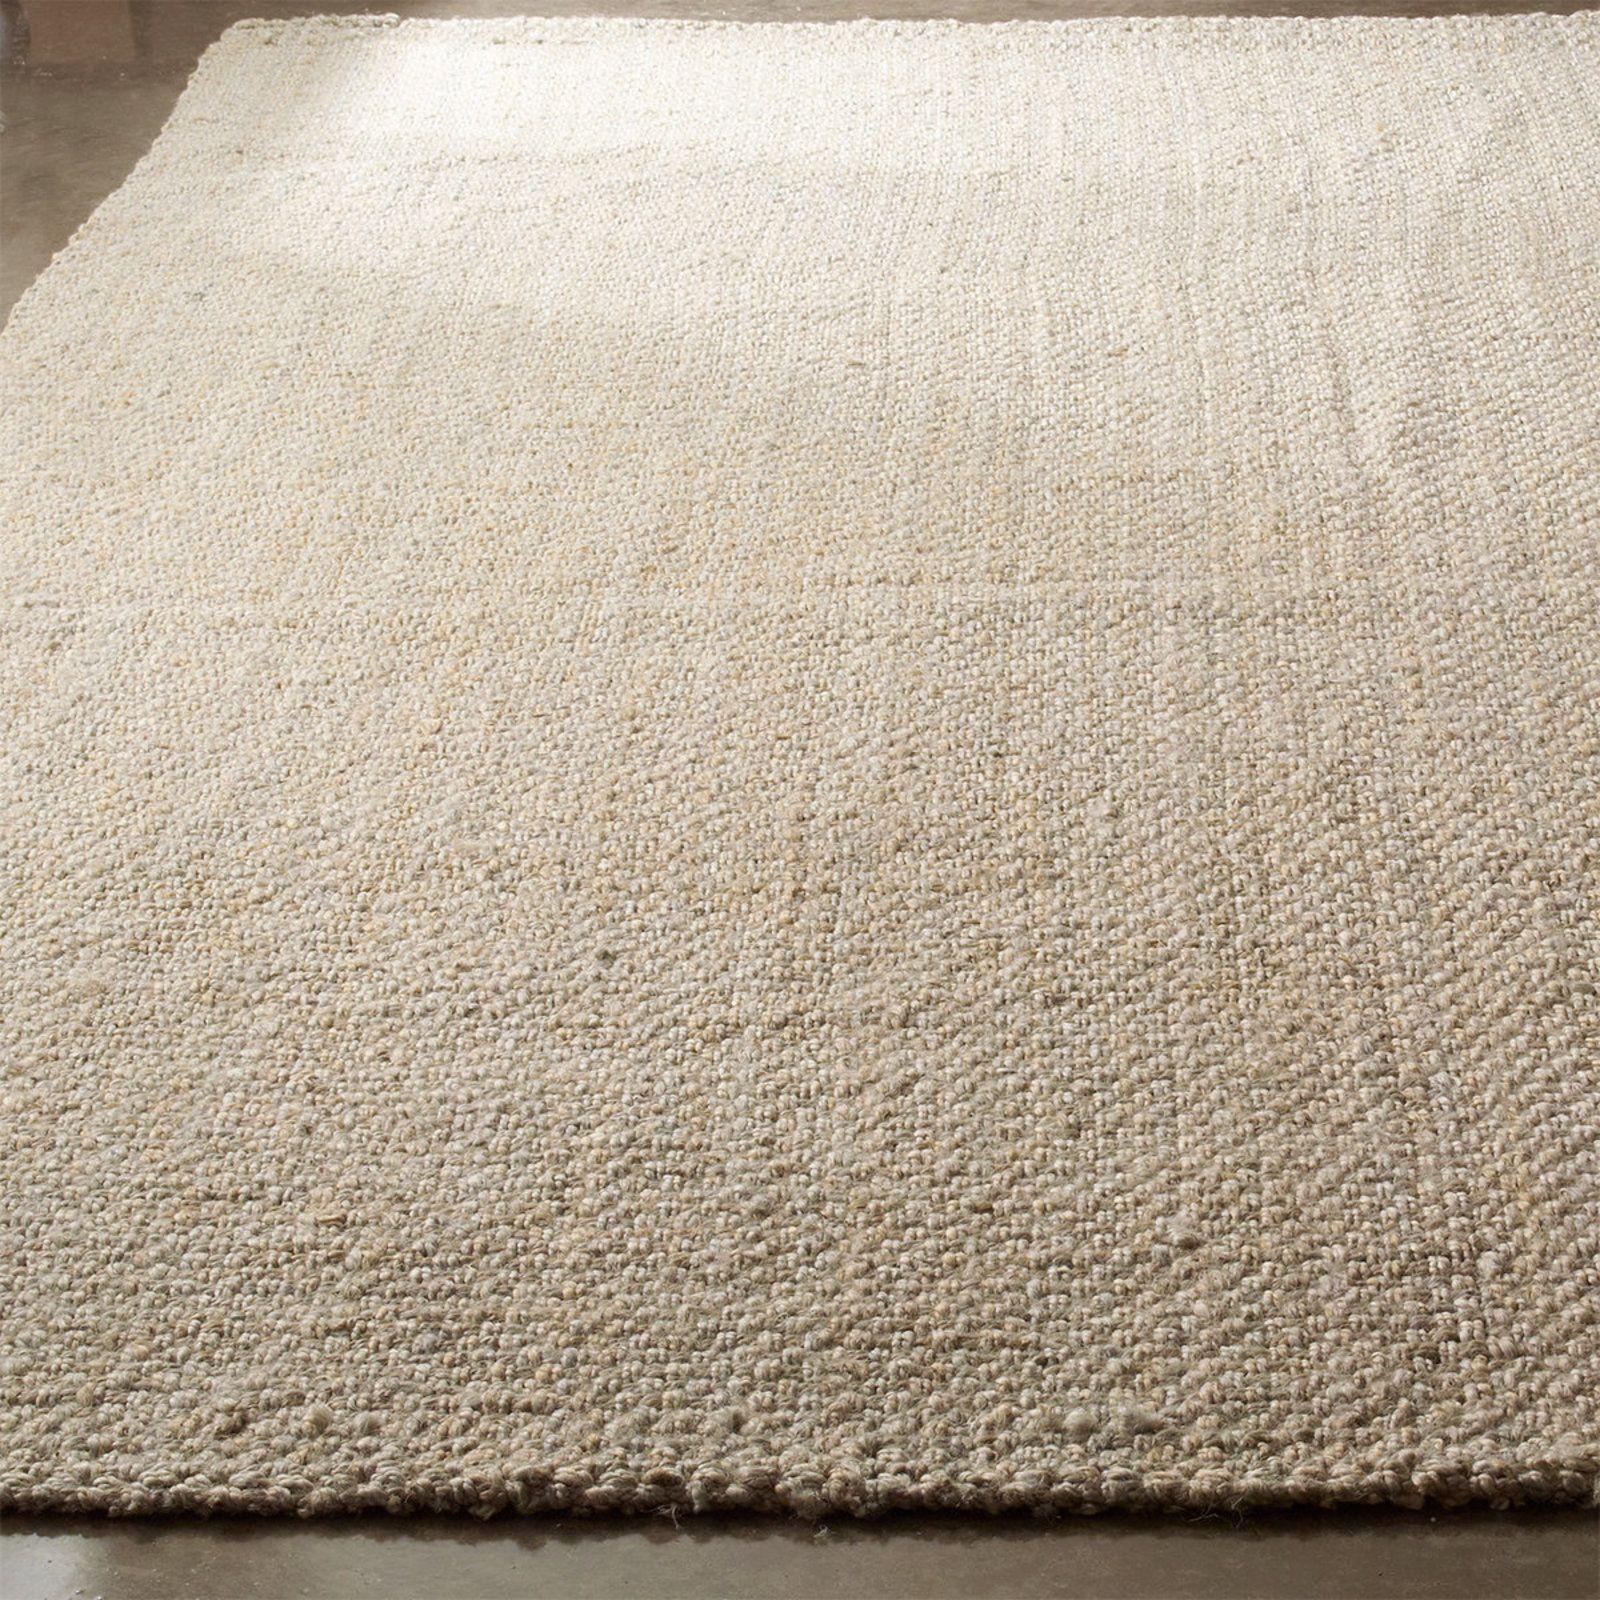 Jute Tweed Flatweave Rug Flat Weave Rug Rugs Soft Natural Fiber Rugs Natural fiber rugs that are soft